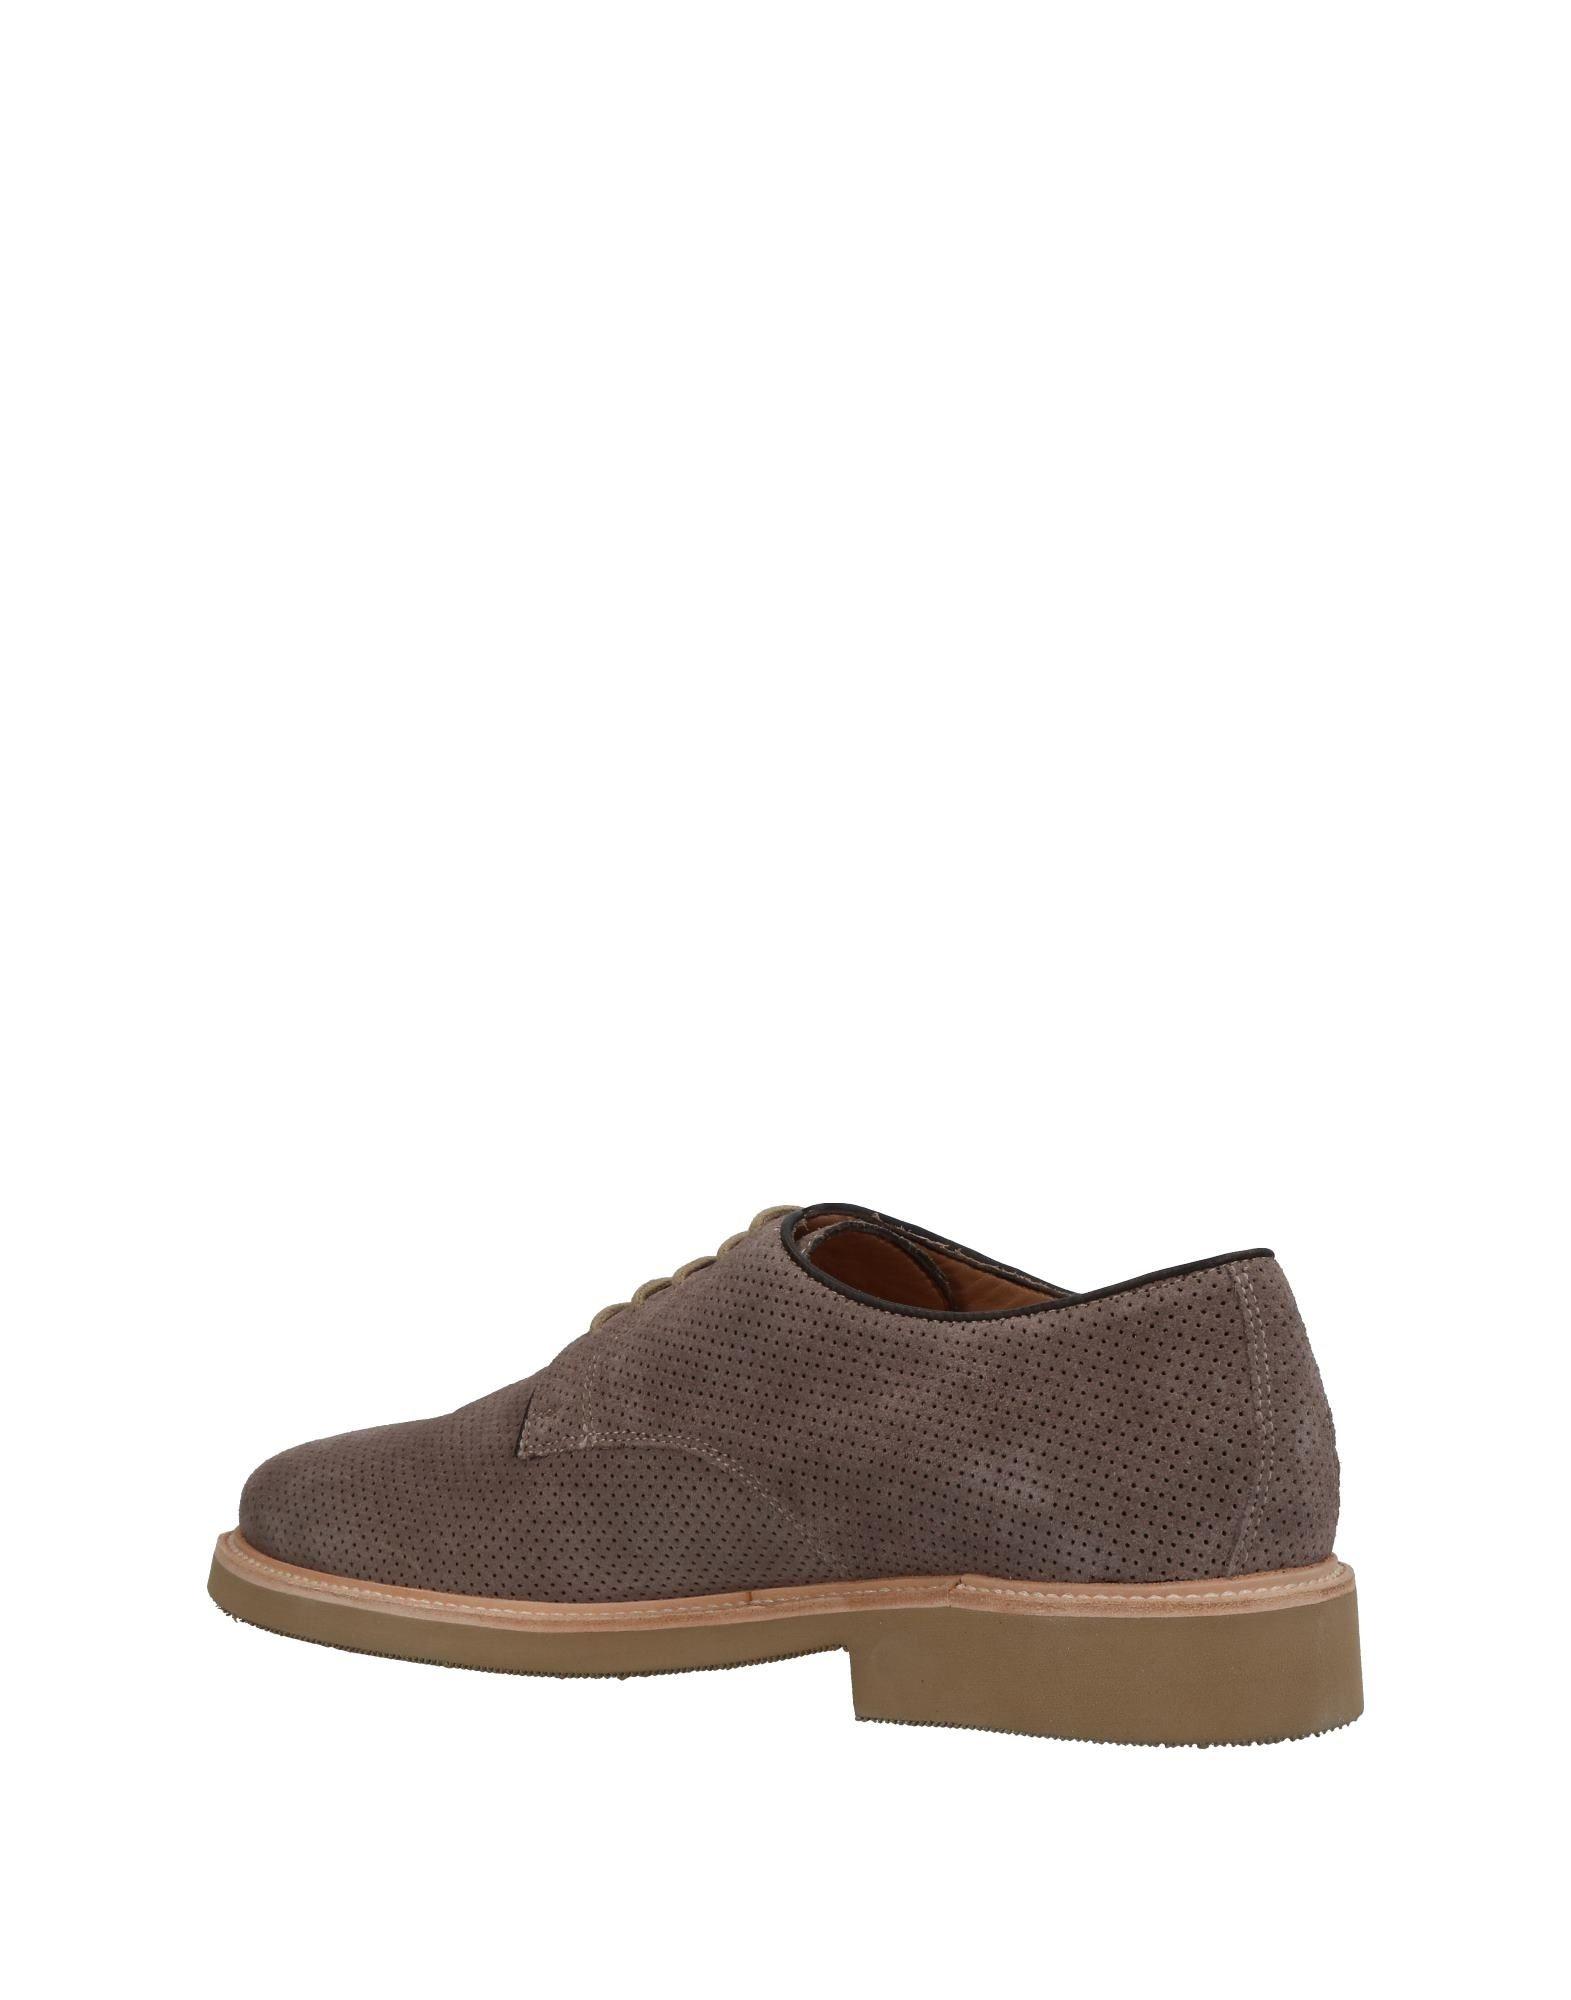 Anderson Herren Schnürschuhe Herren Anderson  11382256LS Heiße Schuhe fde500